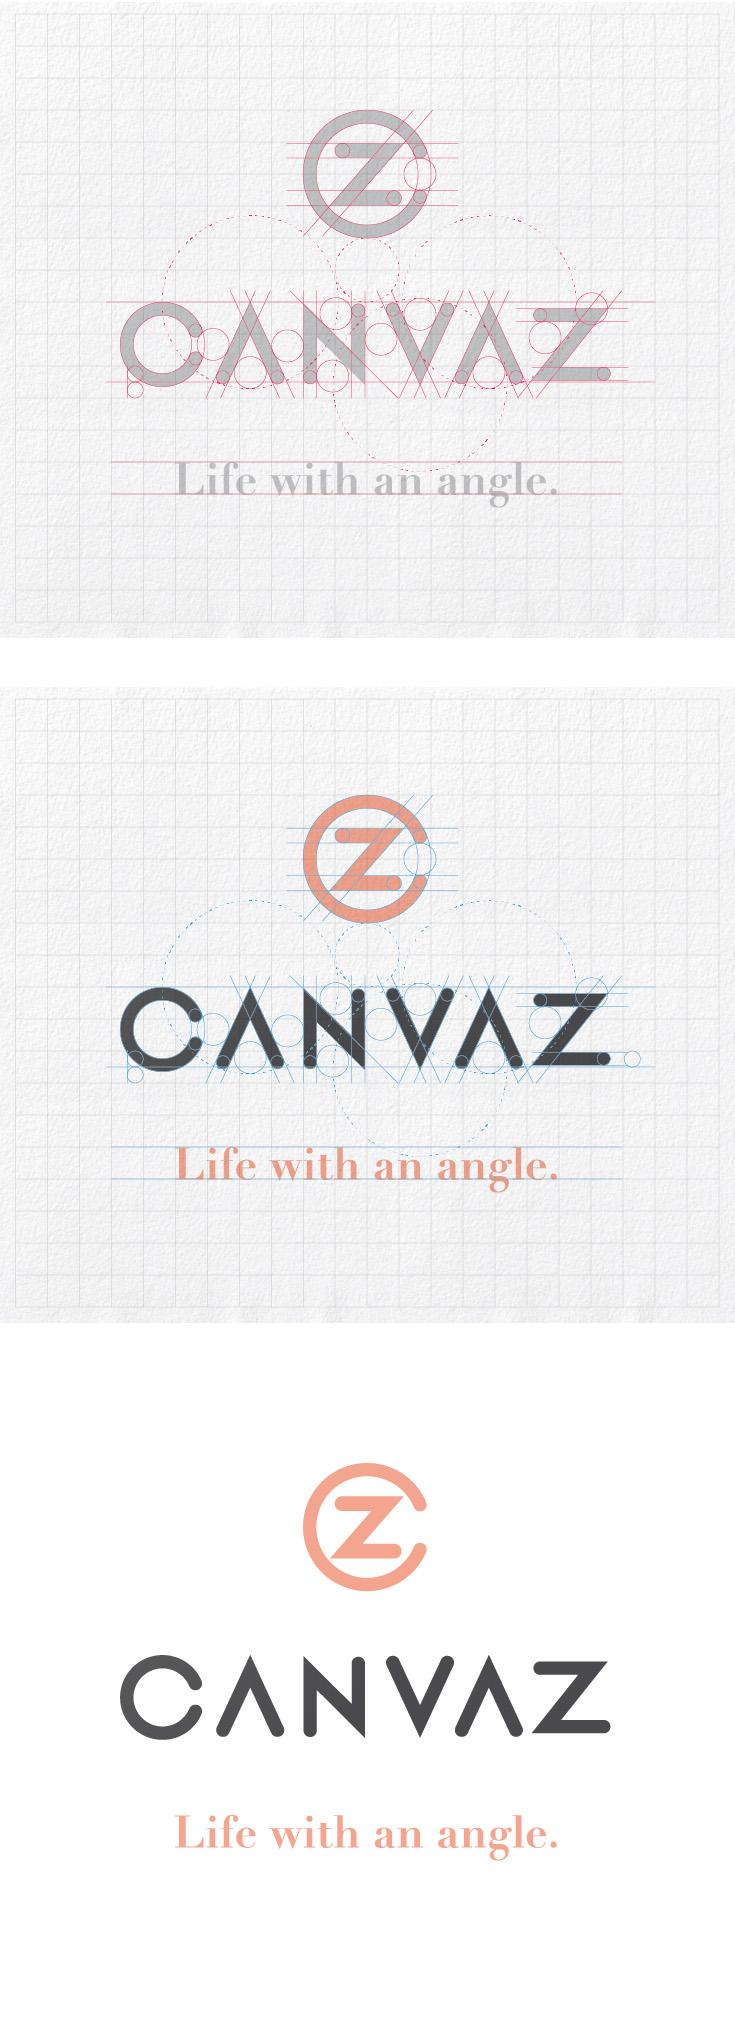 Canvaz Brand Identity Design & Strategy